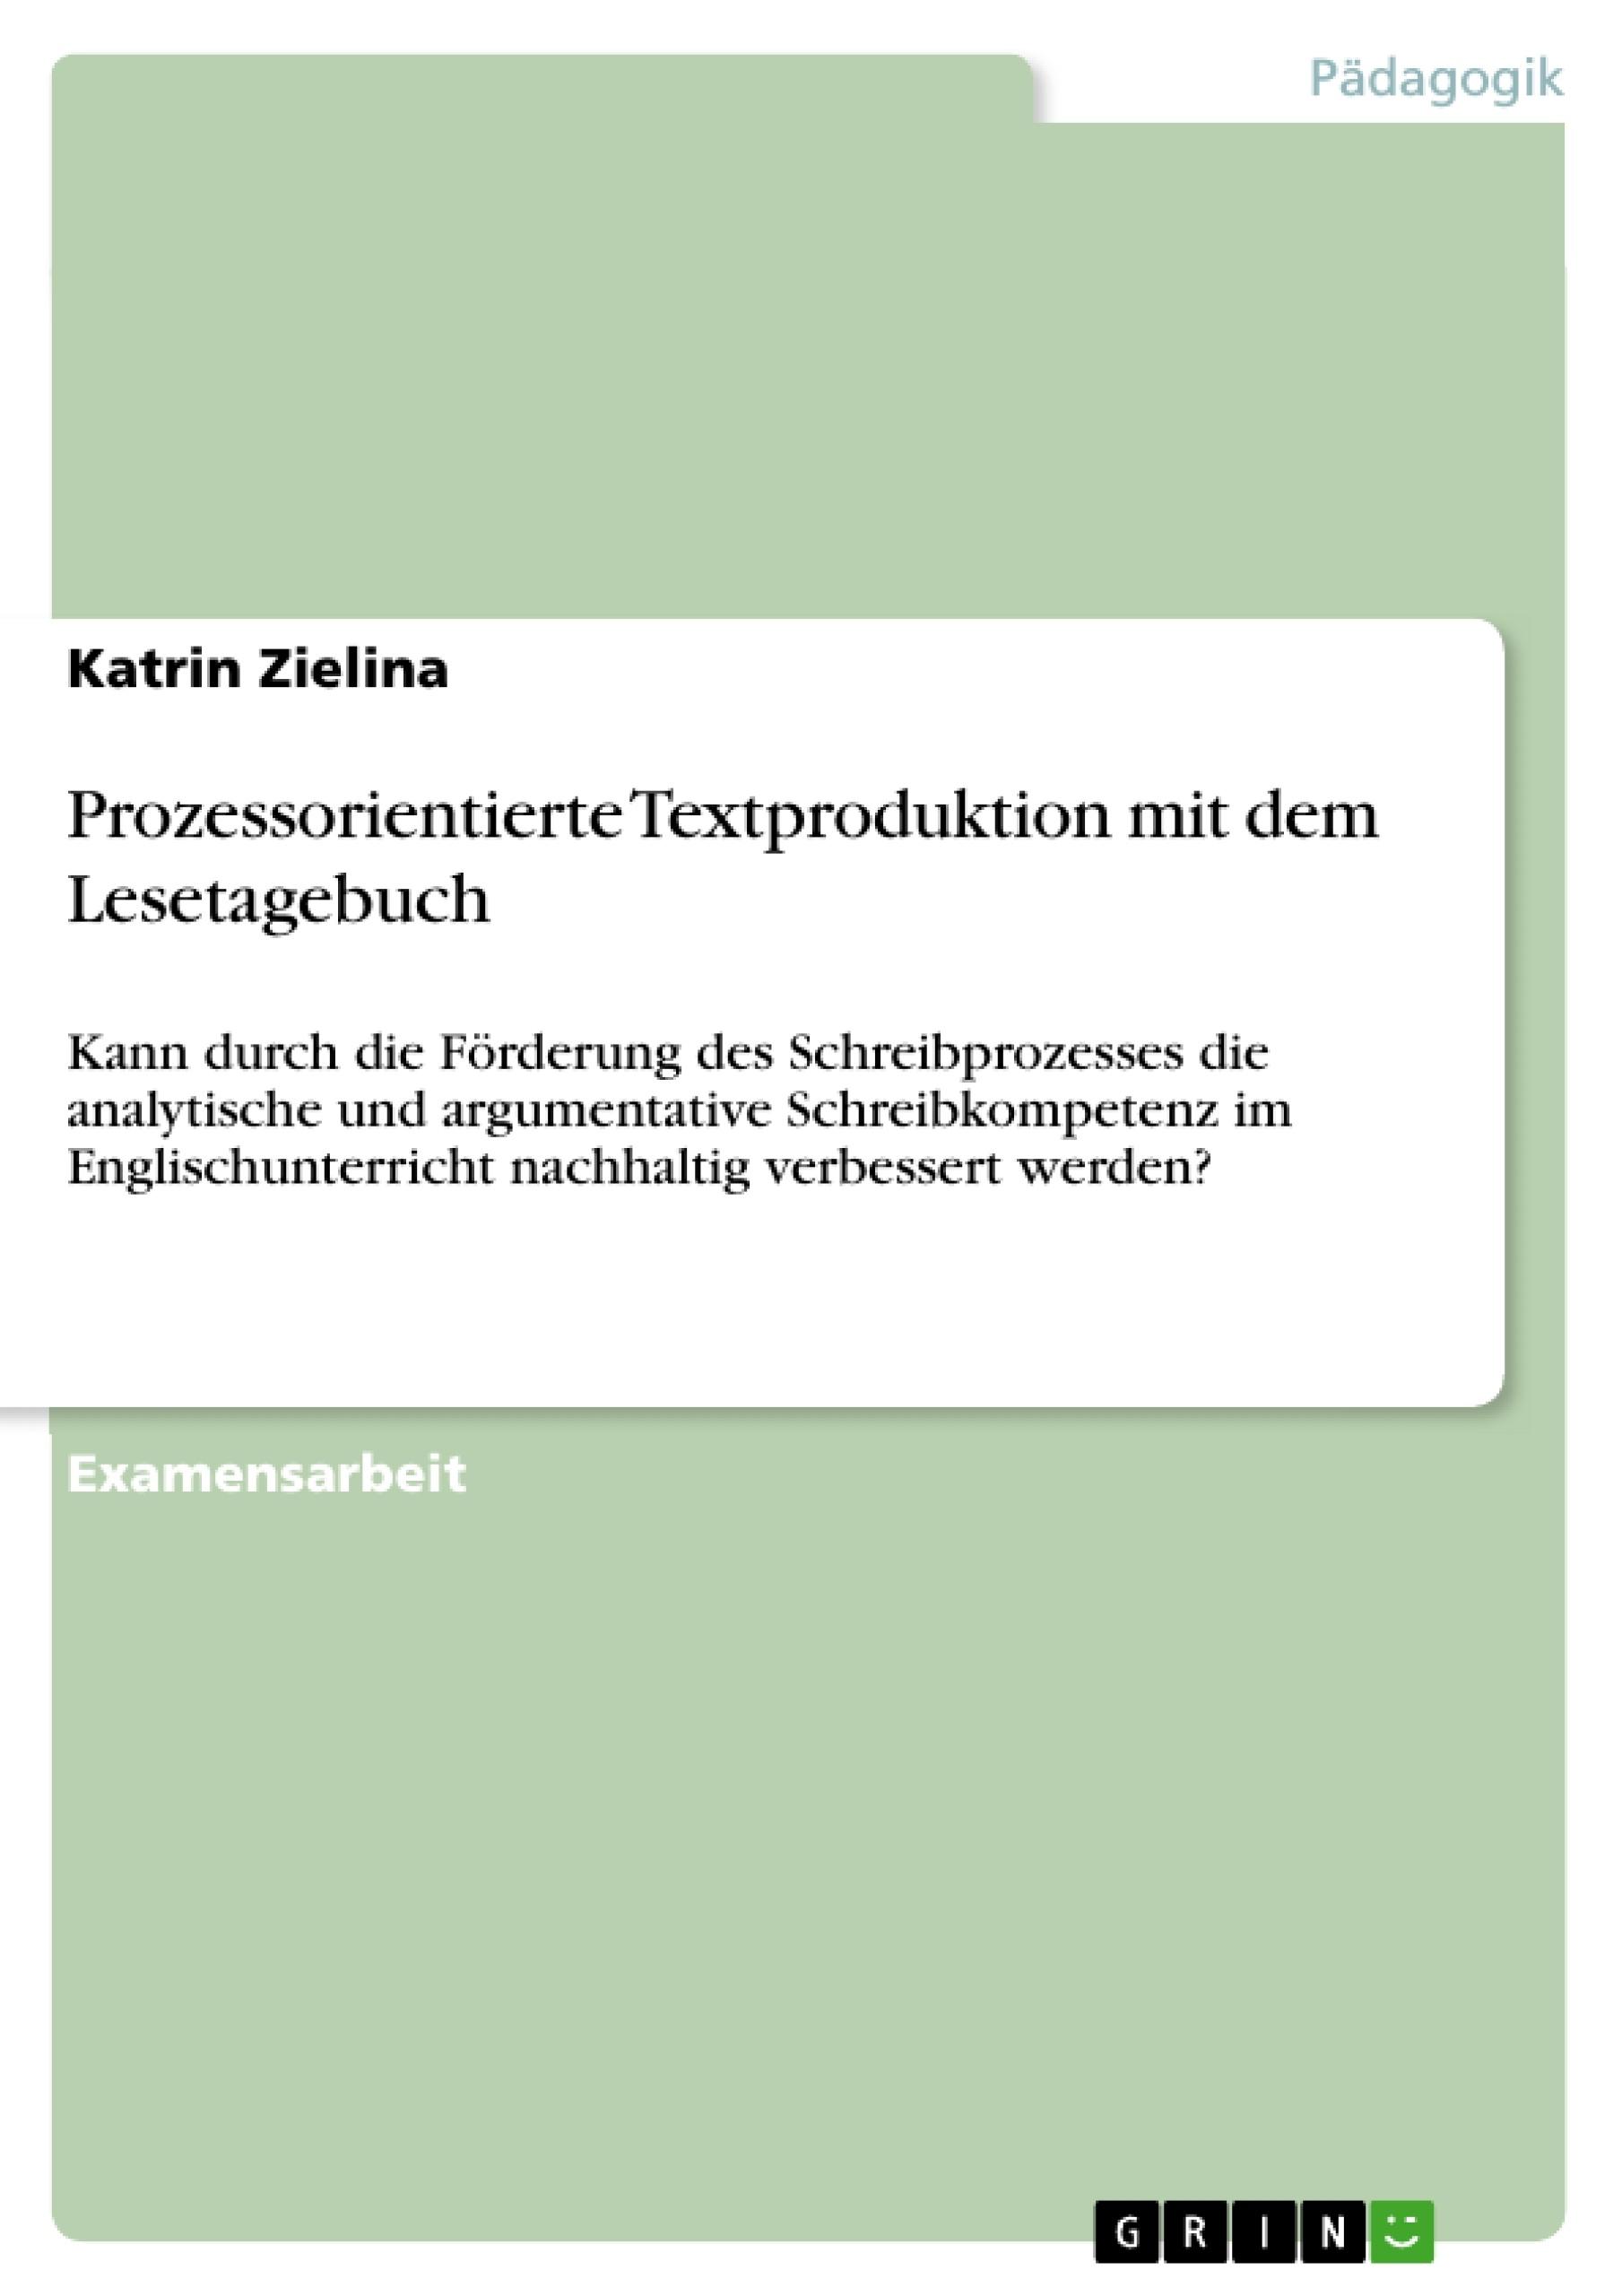 Titel: Prozessorientierte Textproduktion mit dem Lesetagebuch